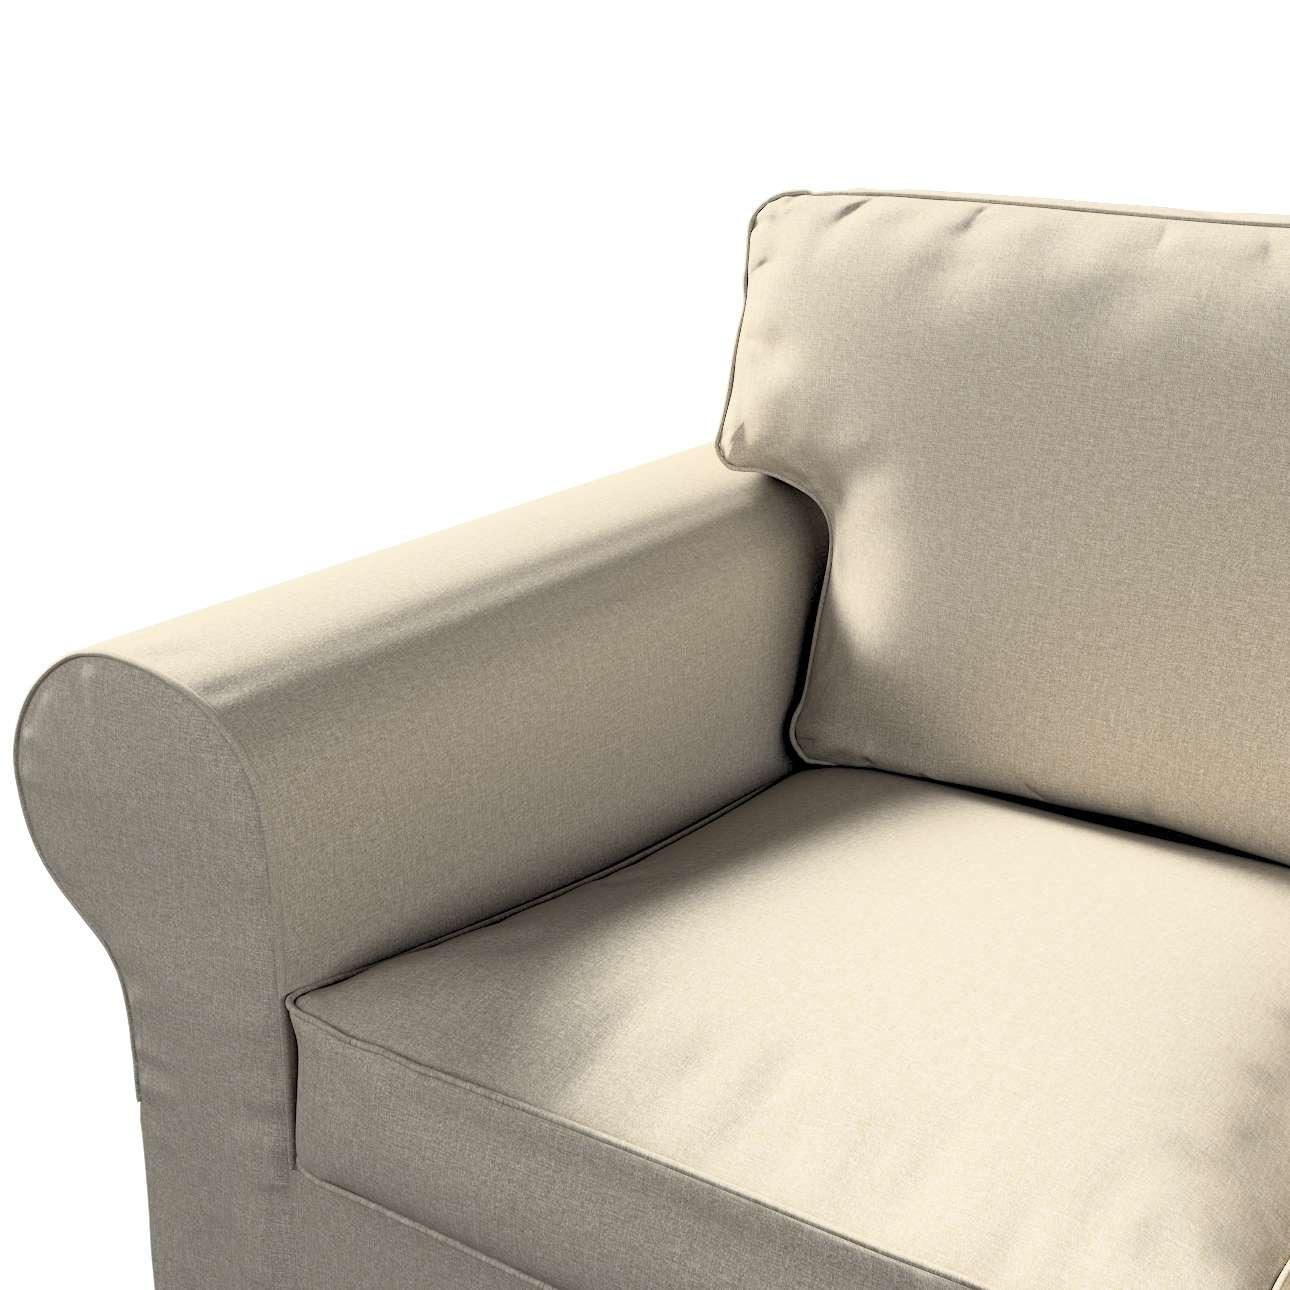 Pokrowiec na sofę Ektorp 3-osobową, nierozkładaną w kolekcji Amsterdam, tkanina: 704-52